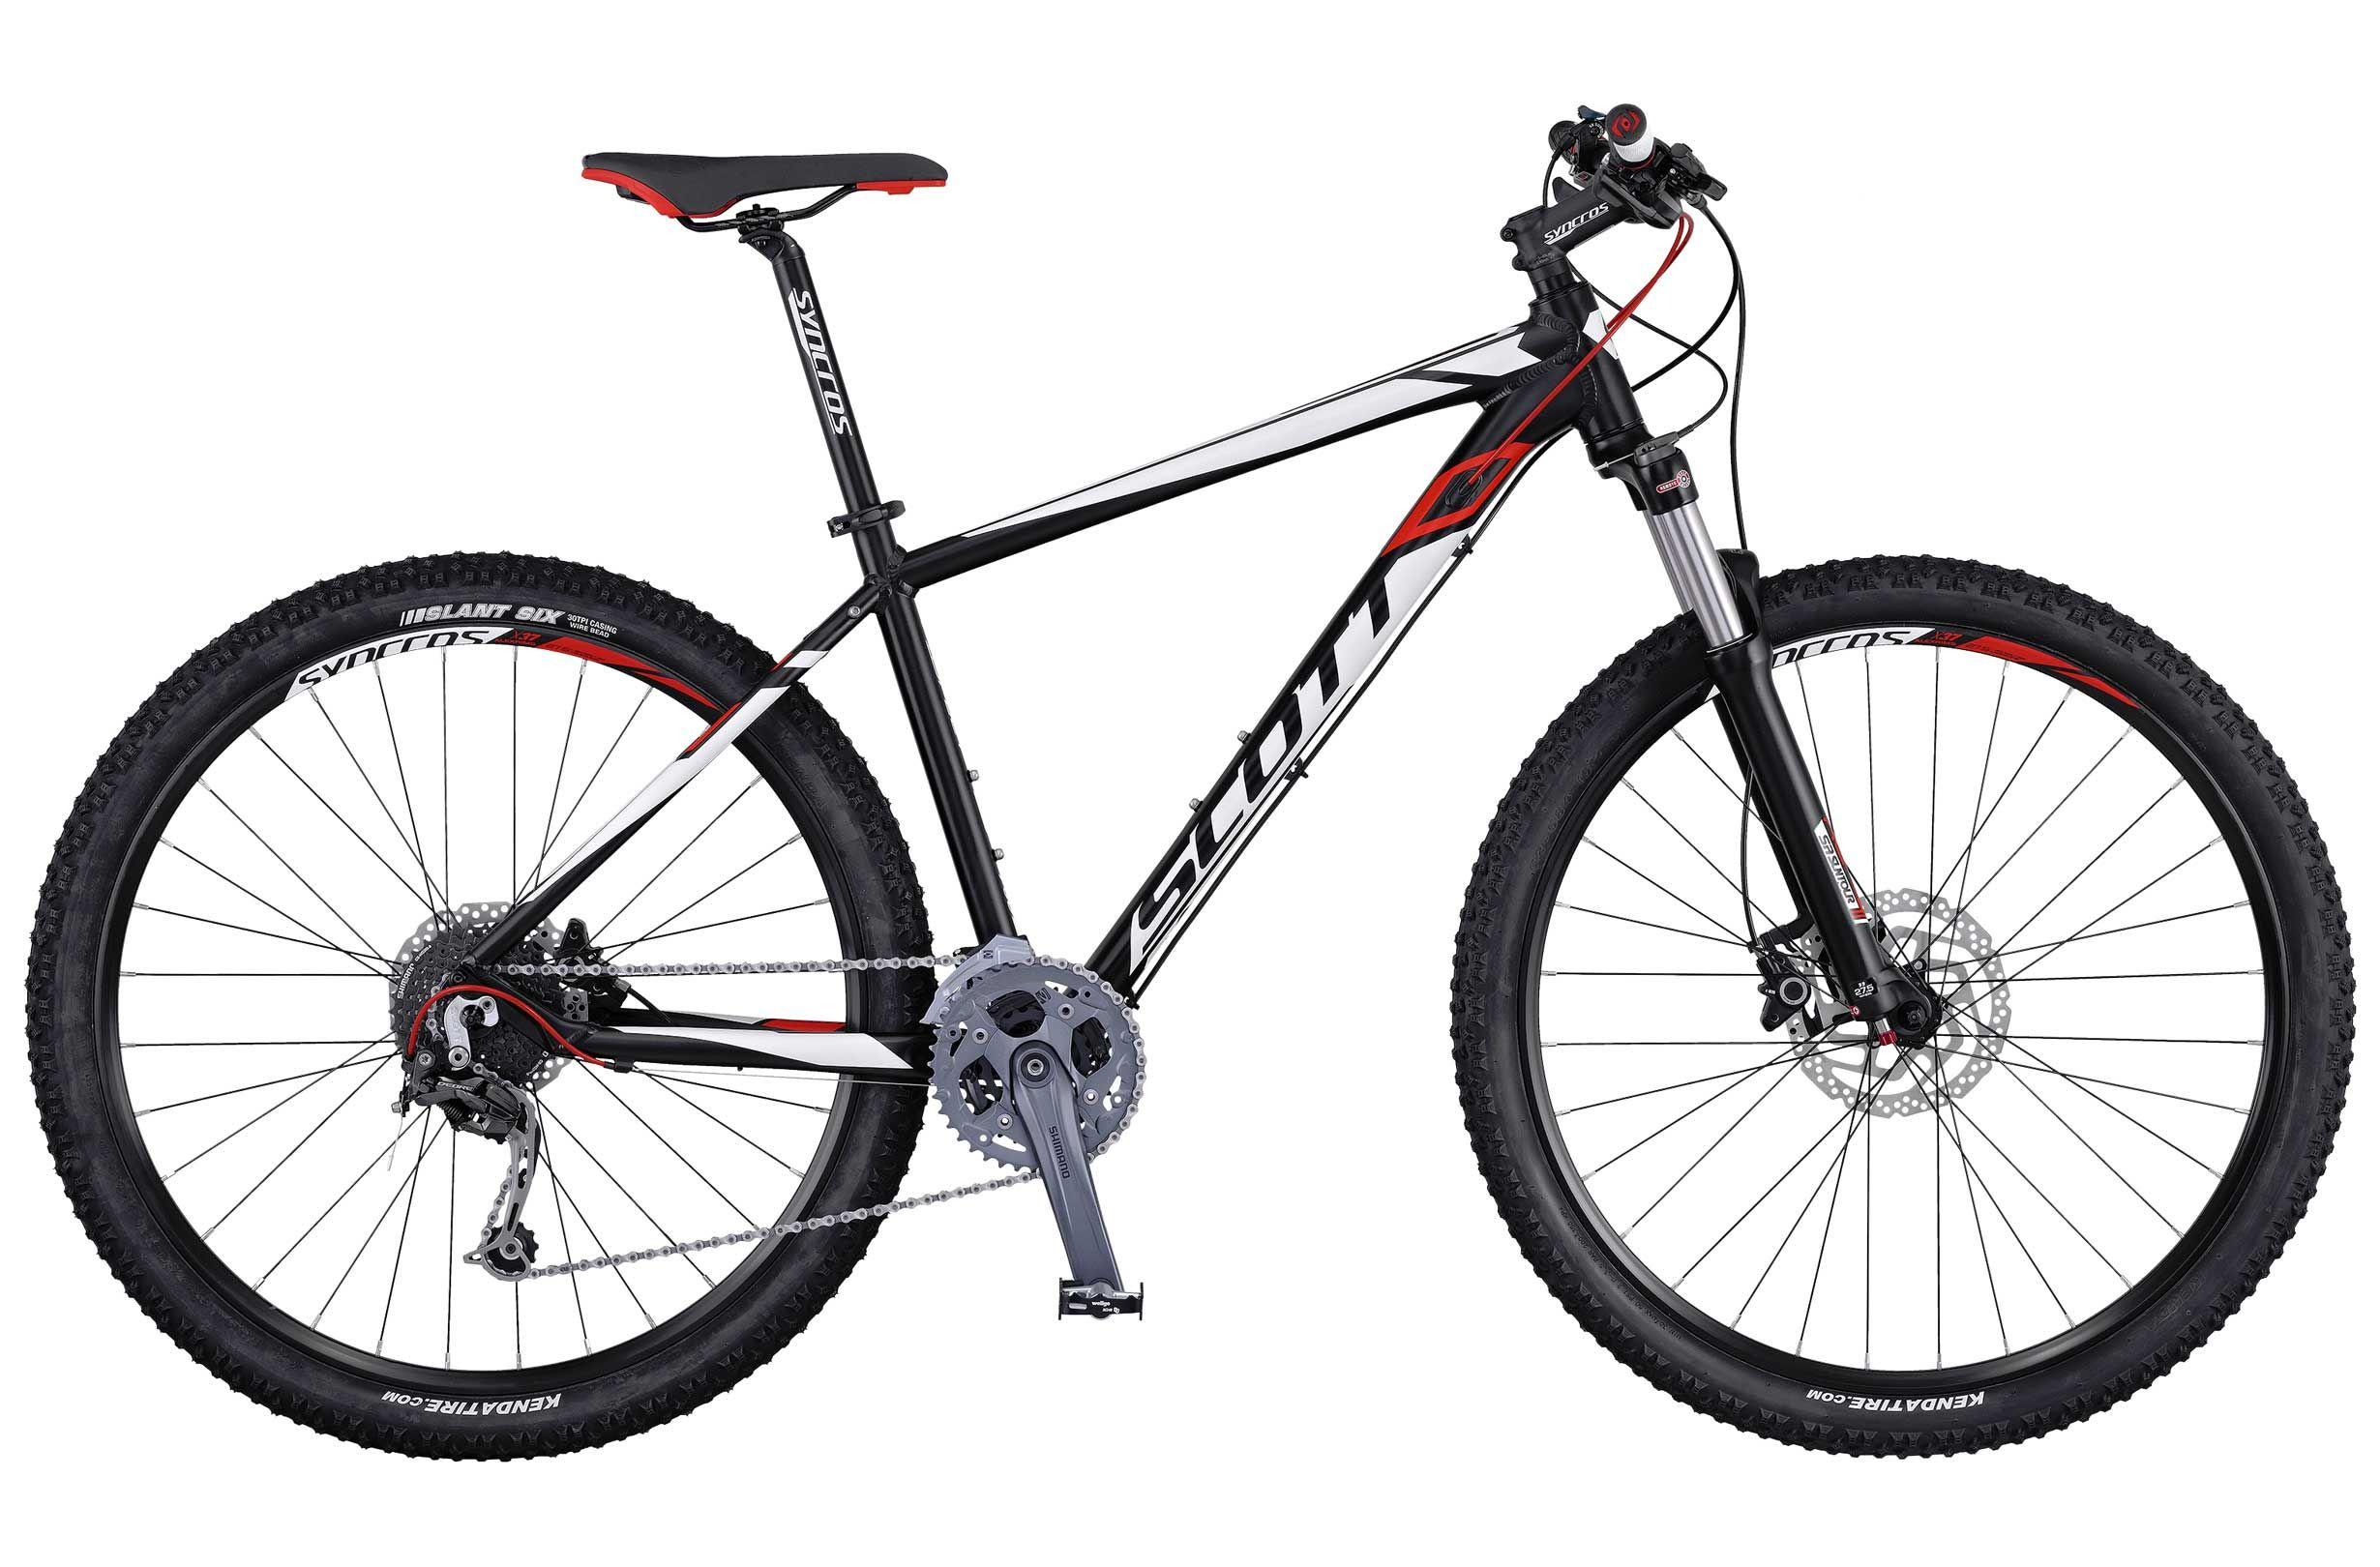 Велосипед ScottГорные<br>Универсальный спортивный хардтейл Scott Aspect 730 предназначен для велосипедных прогулок как по городу, так и за его пределами. Рама Scott Aspect 730, изготовленная из сплава алюминия, значительно снизила общий вес модели не потеряв при этом в прочности. Дисковые тормоза Shimano BR-M355 обладают высокой мощностью и модуляцией. За амортизацию отвечает вилка Suntour XCR-RL-R, оснащенная выносной блокировкой хода. Надежная трансмиссия высокого уровня Shimano Deore порадует вас четкой и плавной работой.<br><br>year: 2016<br>пол: мужской<br>тип рамы: хардтейл<br>уровень оборудования: продвинутый<br>длина хода вилки: от 100 до 150 мм<br>блокировка амортизатора: да<br>рулевая колонка: GW 1SI110 OE integ.<br>вынос: Syncros M3.0 HL-D507A<br>руль: Syncros M3.0, ширина 720 мм, подъем 12 мм<br>передний тормоз: Shimano BR-M355, диаметр ротора 180 мм<br>задний тормоз: Shimano BR-M355, диаметр ротора 160 мм<br>цепь: KMC X9<br>система: Shimano FC-M4000, 40x30x22<br>каретка: Shimano BB-ES-300, Cartridge Type<br>ободья: Syncros X-37 Disc, 32H<br>передняя втулка: Formula CL51<br>задняя втулка: Shimano FH-RM 33-CL<br>передняя покрышка: Kenda Slant 6, 30TPI 27.5<br>задняя покрышка: Kenda Slant 6, 30TPI 27.5<br>седло: Syncros M2.5<br>кассета: Shimano CS-HG200-9, 11-34T<br>манетки: Shimano SL-M370-9R, R-ire plus<br>вес: 14.2 кг<br>рама: Aspect 700, алюминиевый сплав 6061<br>вилка: Suntour XCR-RL-R, Remote Lockout, ход 100 мм<br>тип заднего амортизатора: без амортизатора<br>цвет: белый<br>размер рамы: 22&amp;amp;quot;<br>материал рамы: алюминий<br>тип тормозов: дисковый гидравлический<br>диаметр колеса: 27.5<br>тип амортизированной вилки: пружинно-масляная<br>передний переключатель: Shimano FD-M3000<br>задний переключатель: Shimano Deore RD-M592<br>количество скоростей: 27